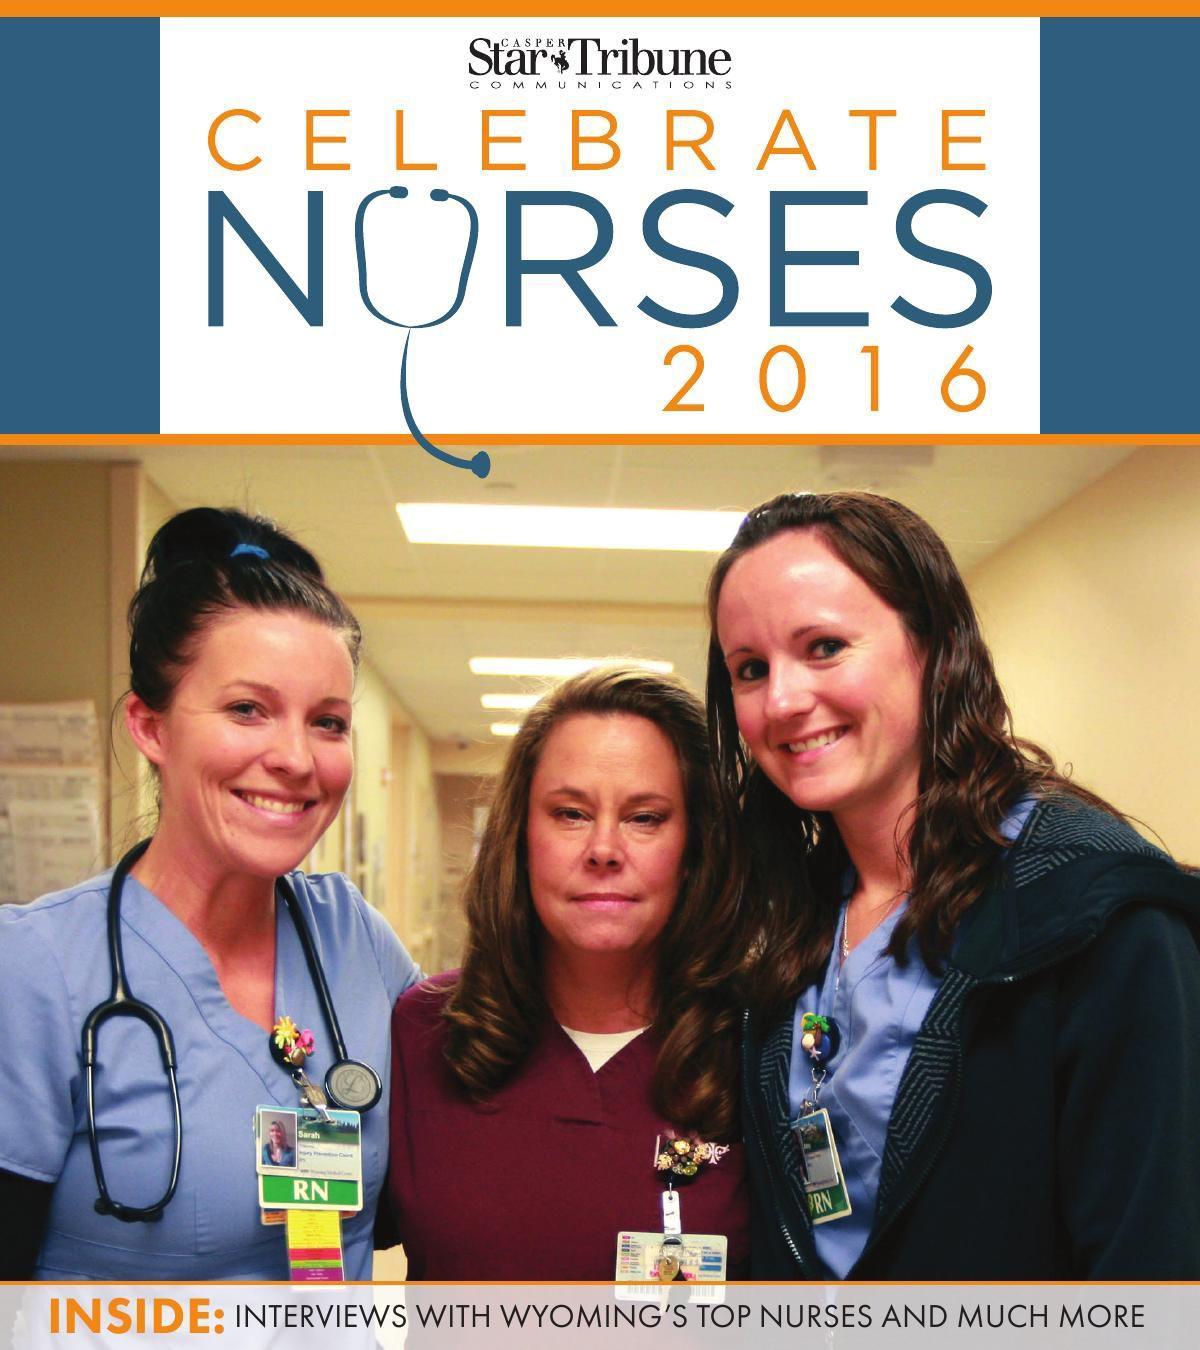 Celebrate Nurses, 2016